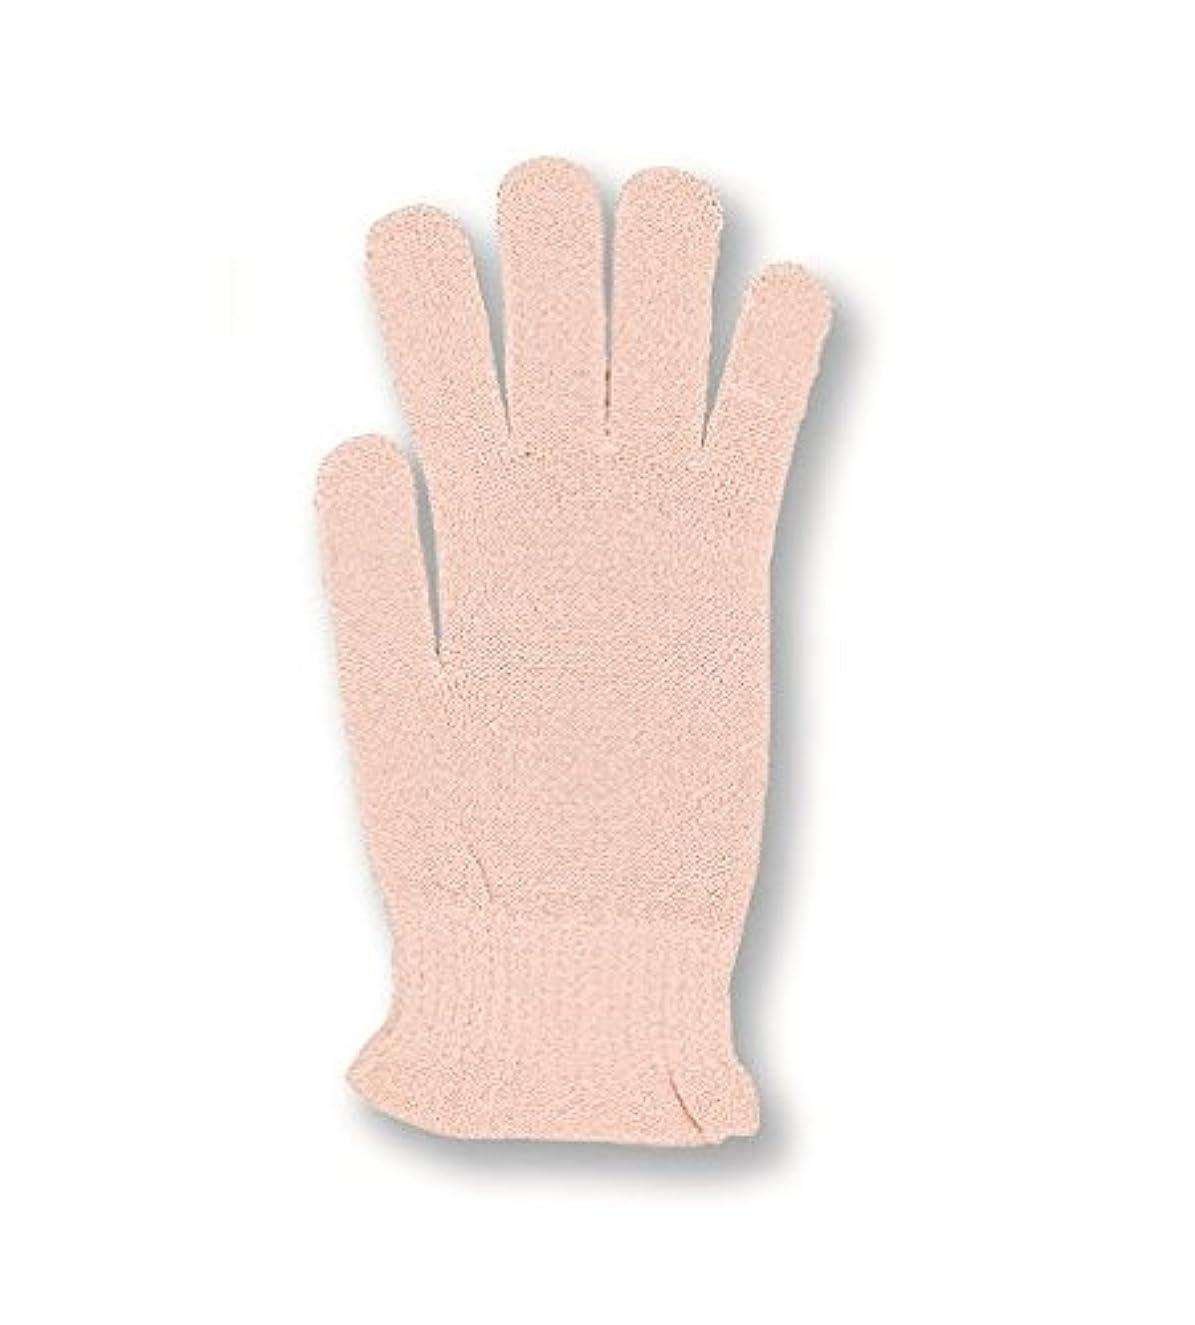 ディスカウント同盟脱走コクーンフィット シルク おやすみ手袋 ピーチ